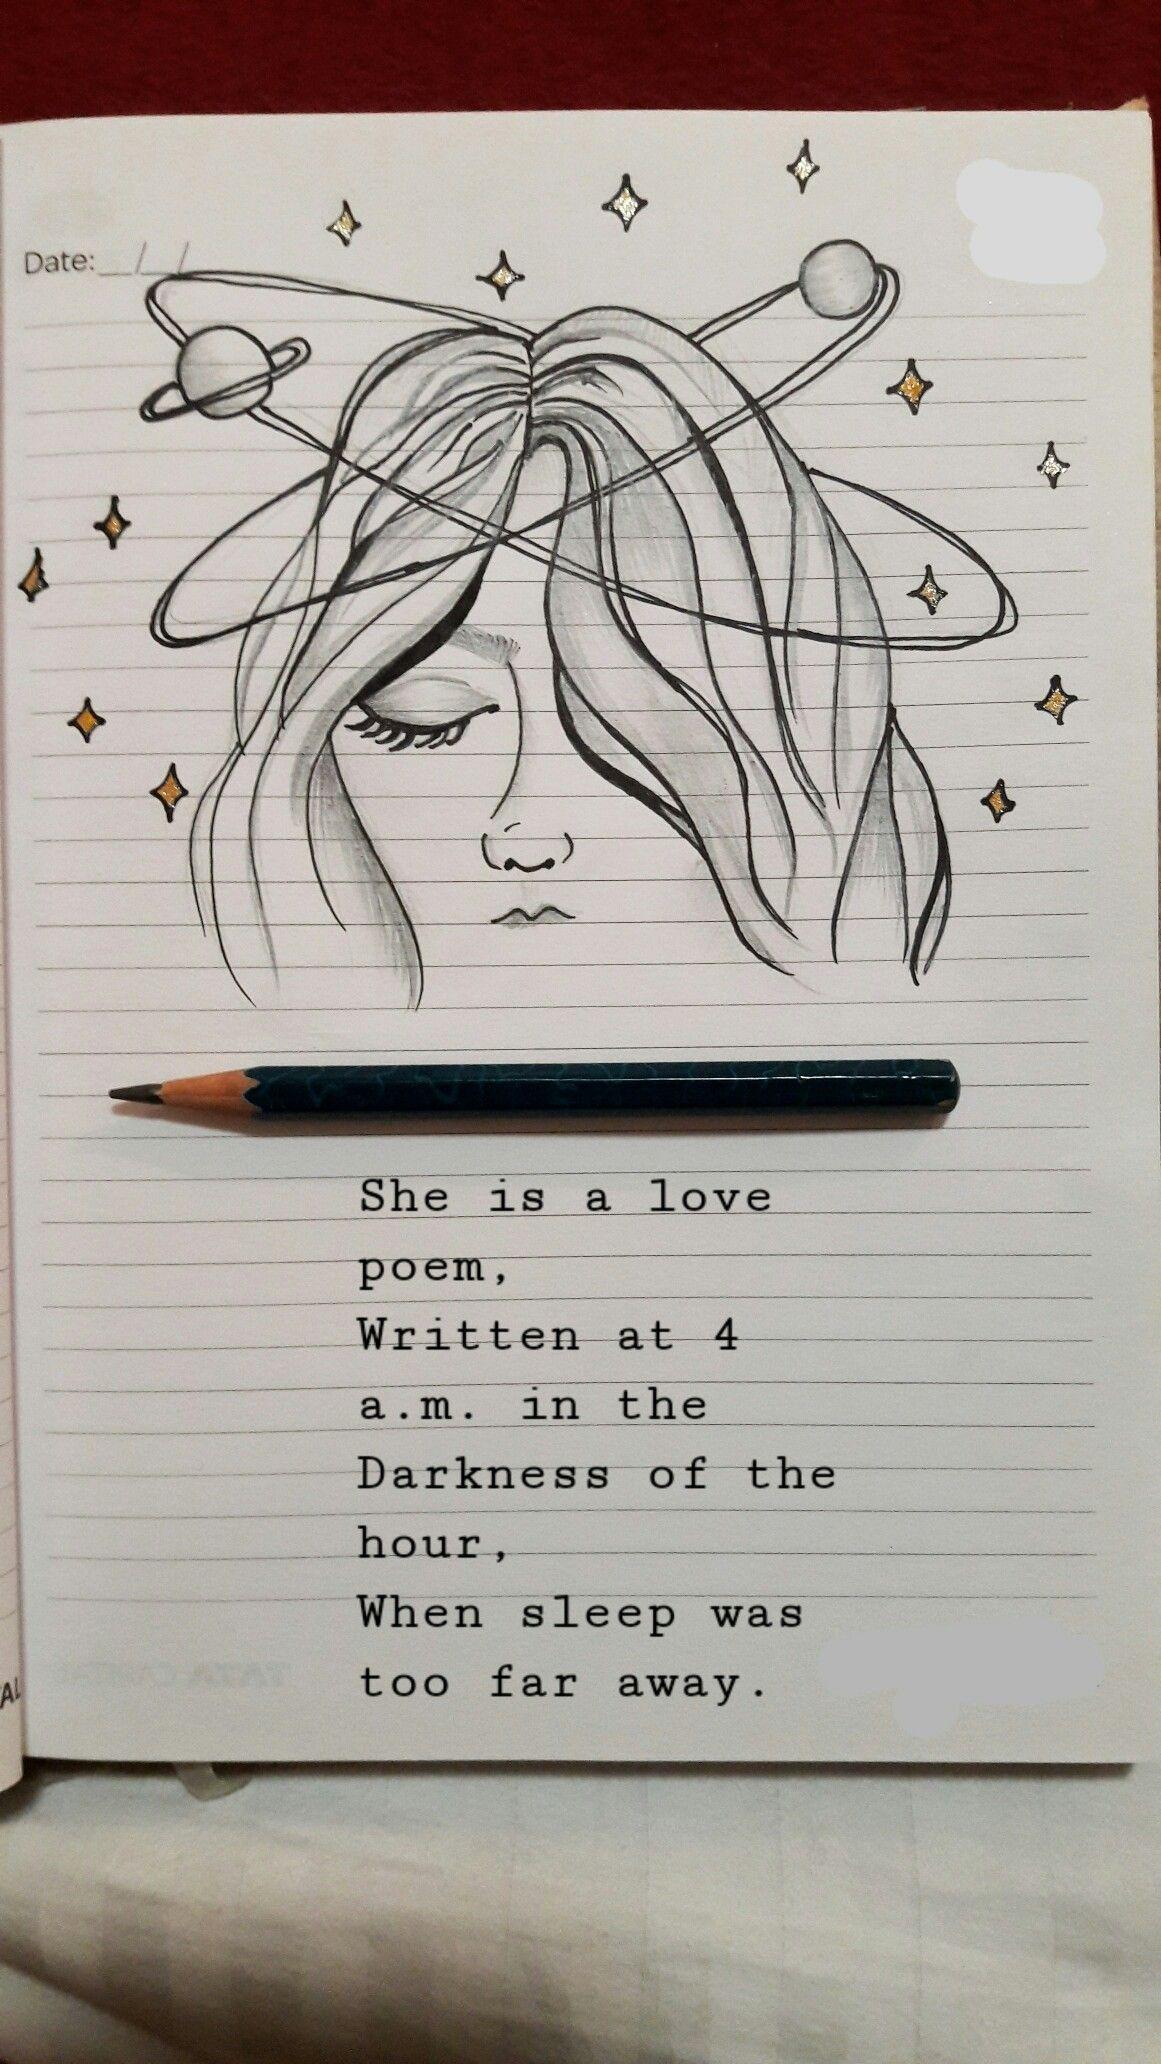 Ella es un poema de amor escrito a las 4 de la mañana en la oscuridad de la hora donde el sueño estaba demasiado lejos